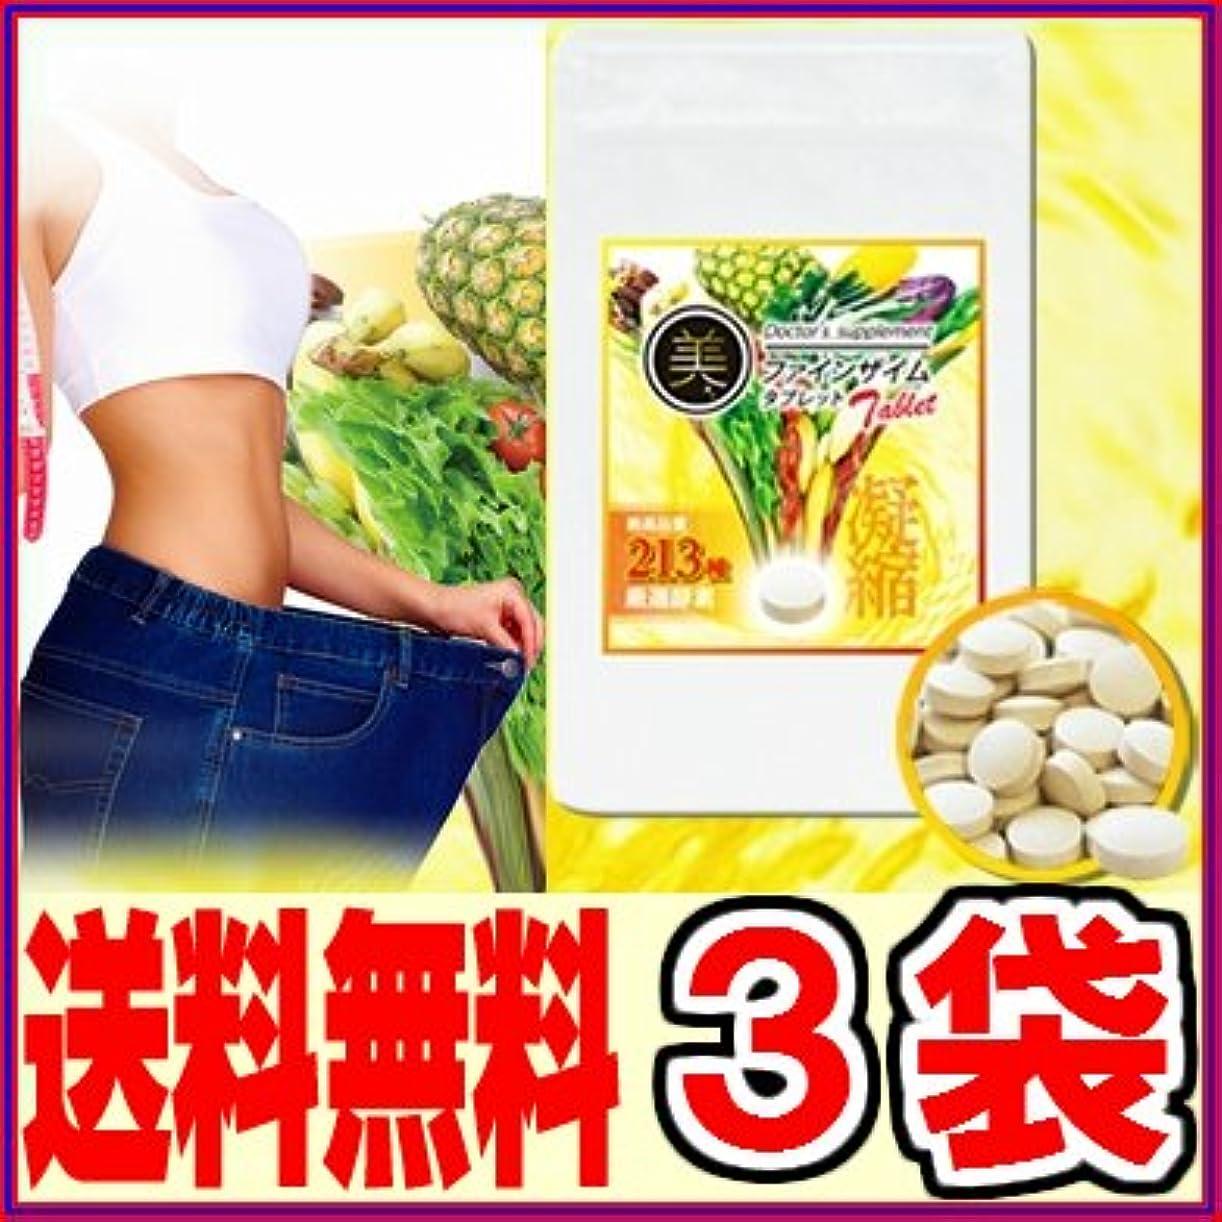 キュービックキノコその間美?ファインザイム タブレット90粒 ×お得3袋セット《酵素、ダイエット、エステ、213種酵素、酵素ダイエット、マイクロ、リコピン、レスベラトロール》